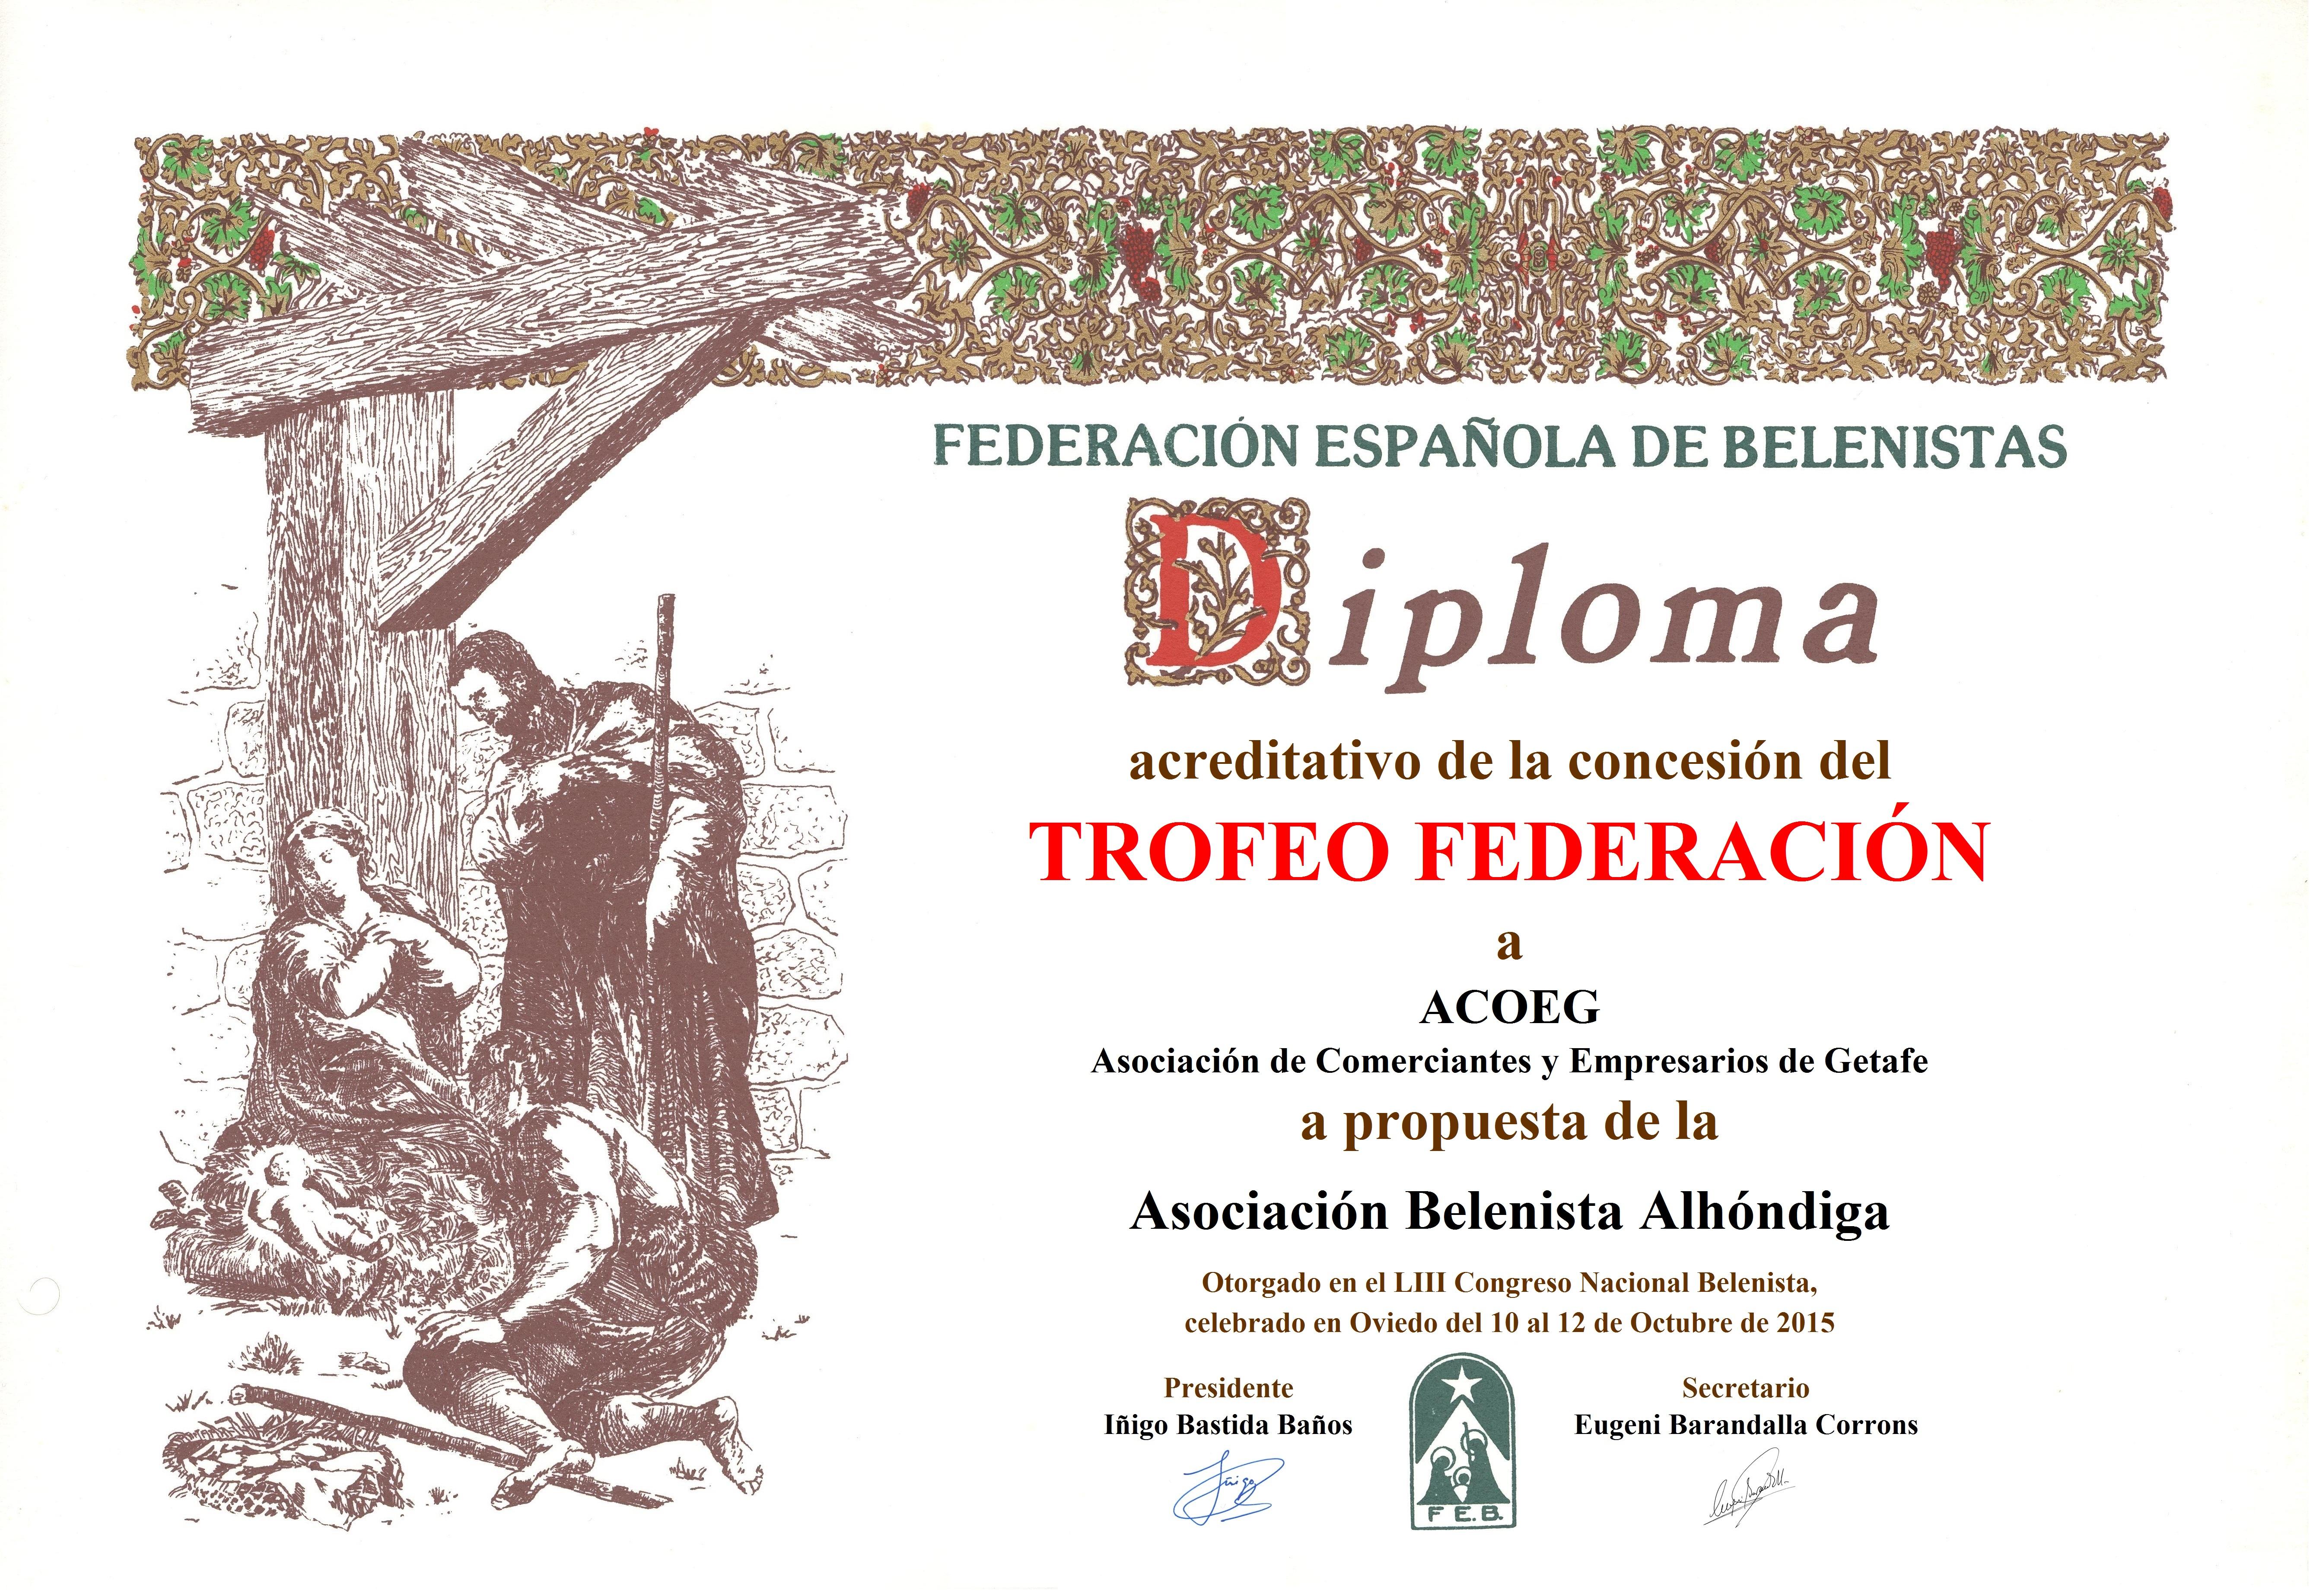 Diploma Trofeo FEB 2015 ACOEG Asociación de Comerciantes y Empresarios de Getafe